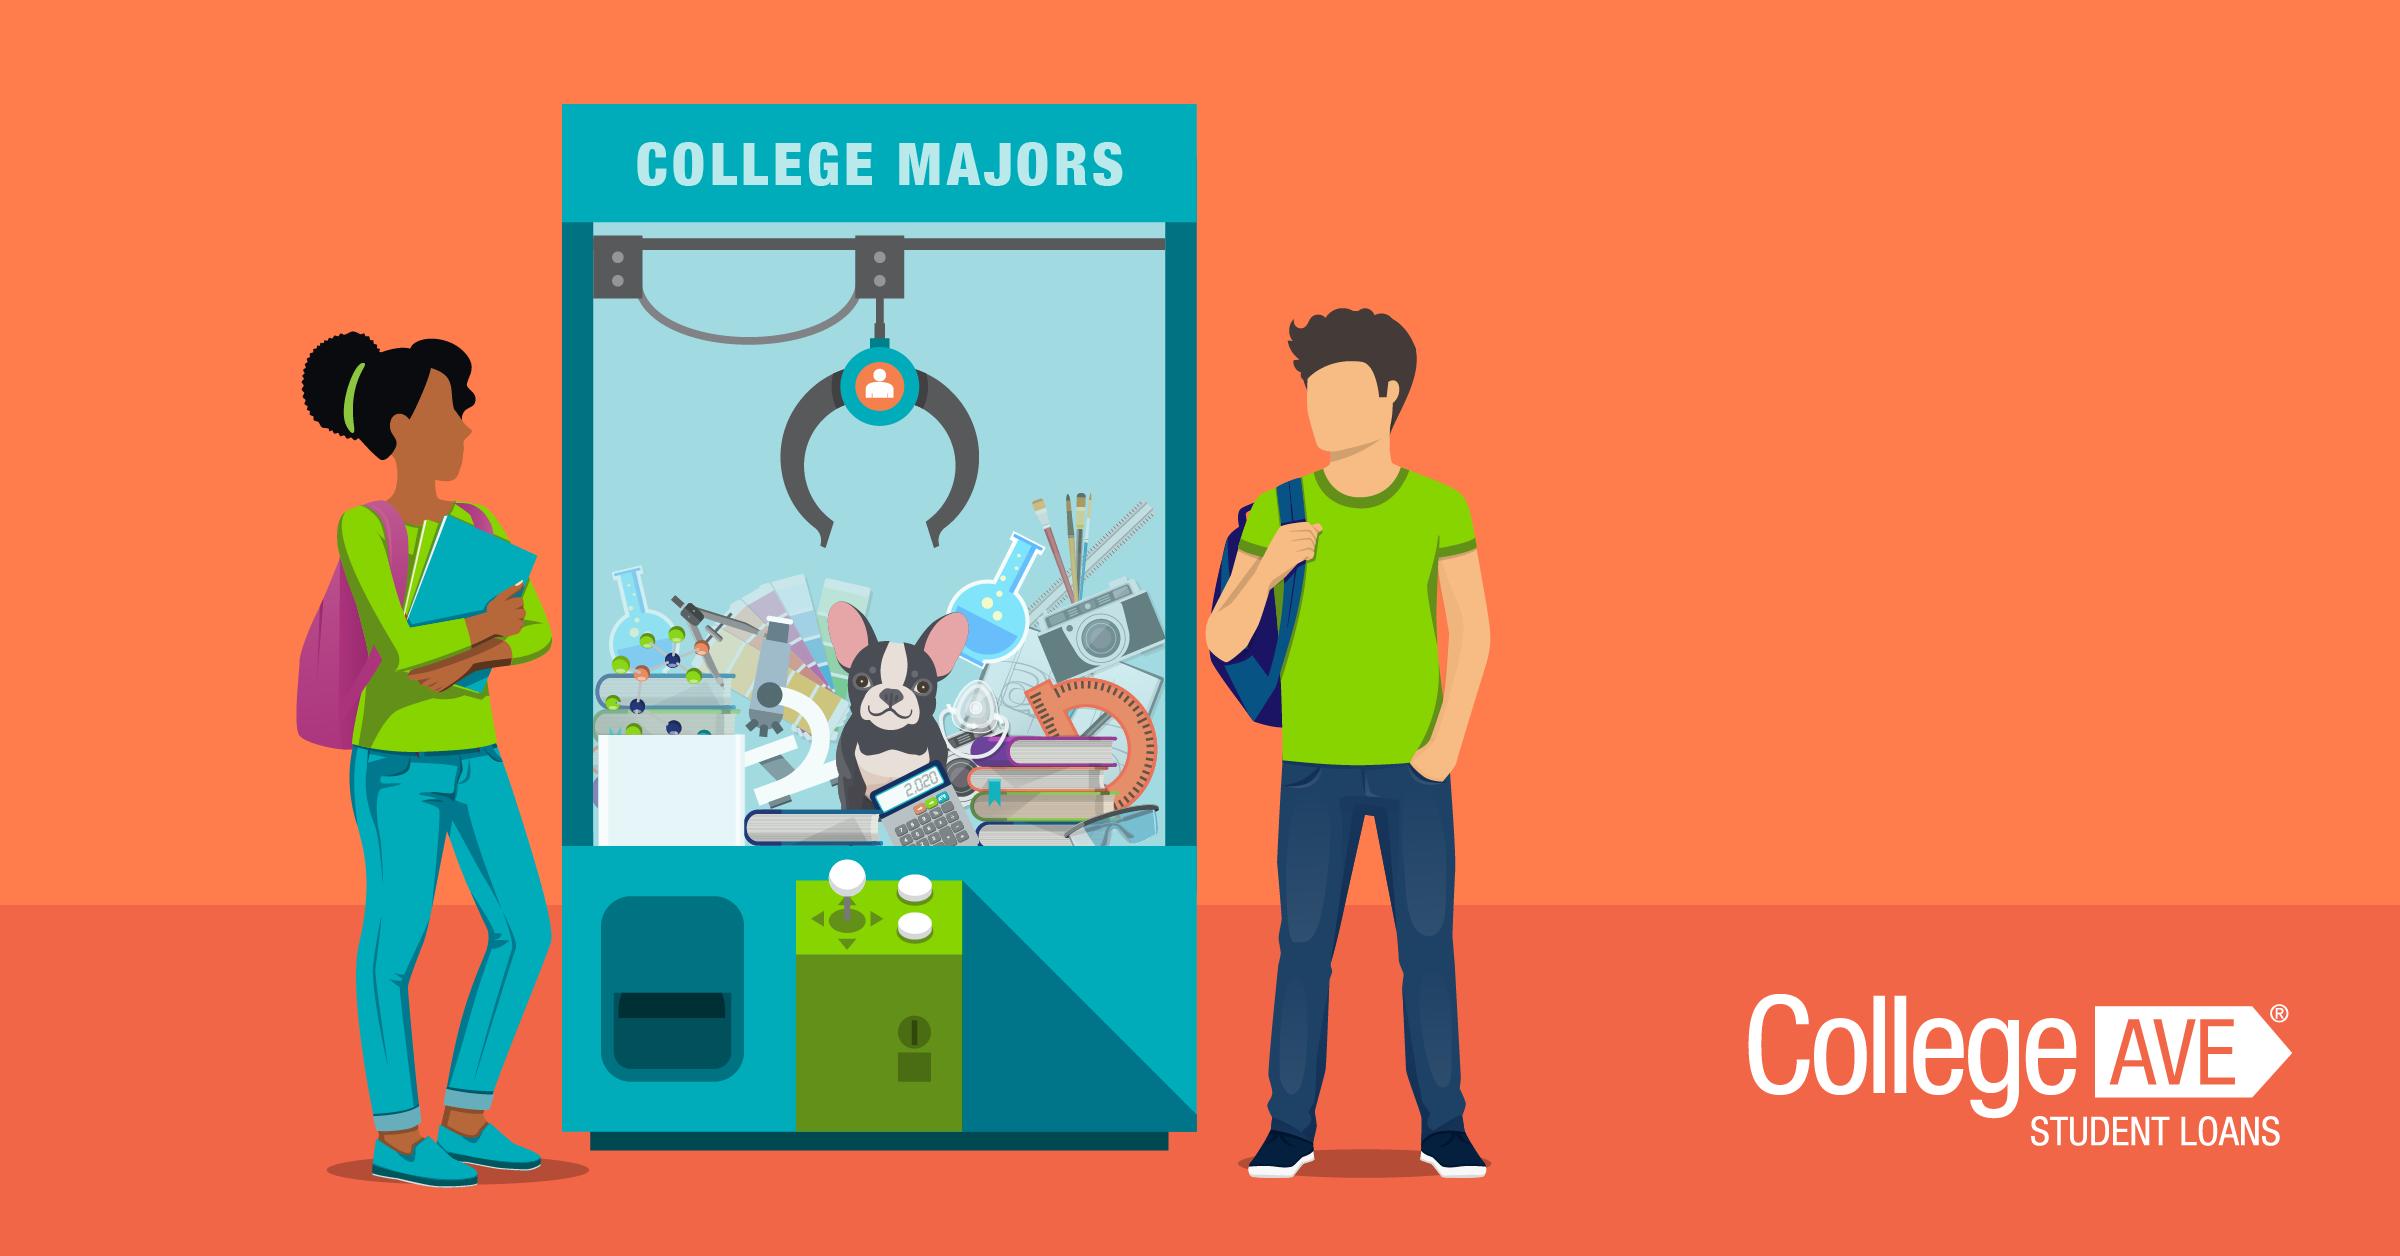 Cómo elegir una carrera universitaria que sea adecuada para ti